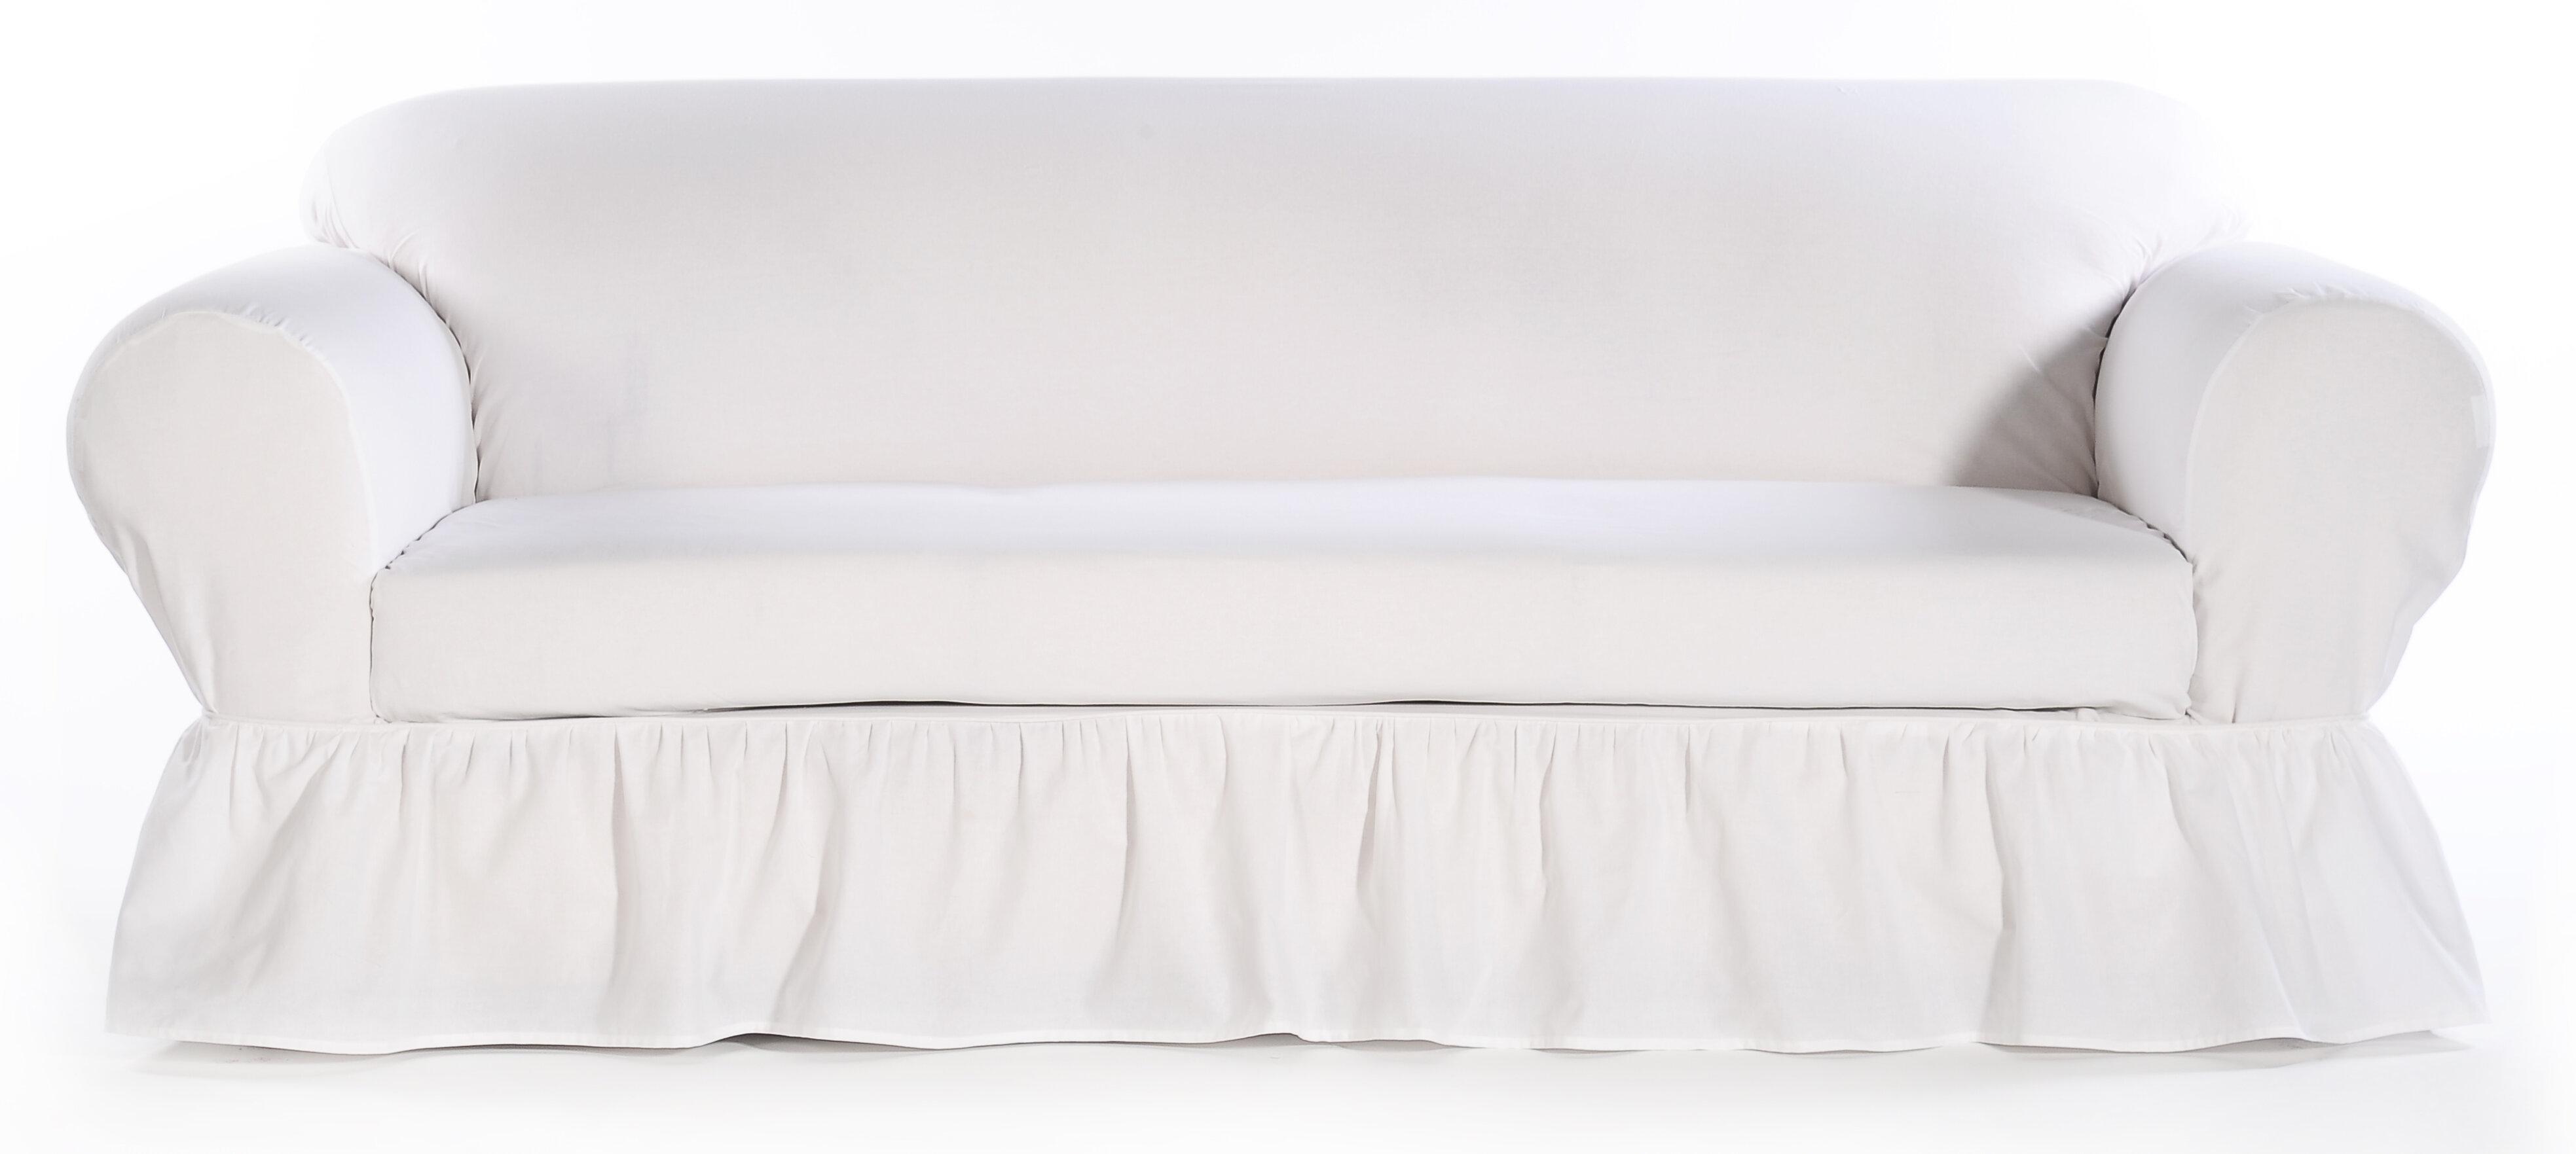 August Grove Sofa Skirted Box Cushion Slipcover Reviews Wayfair